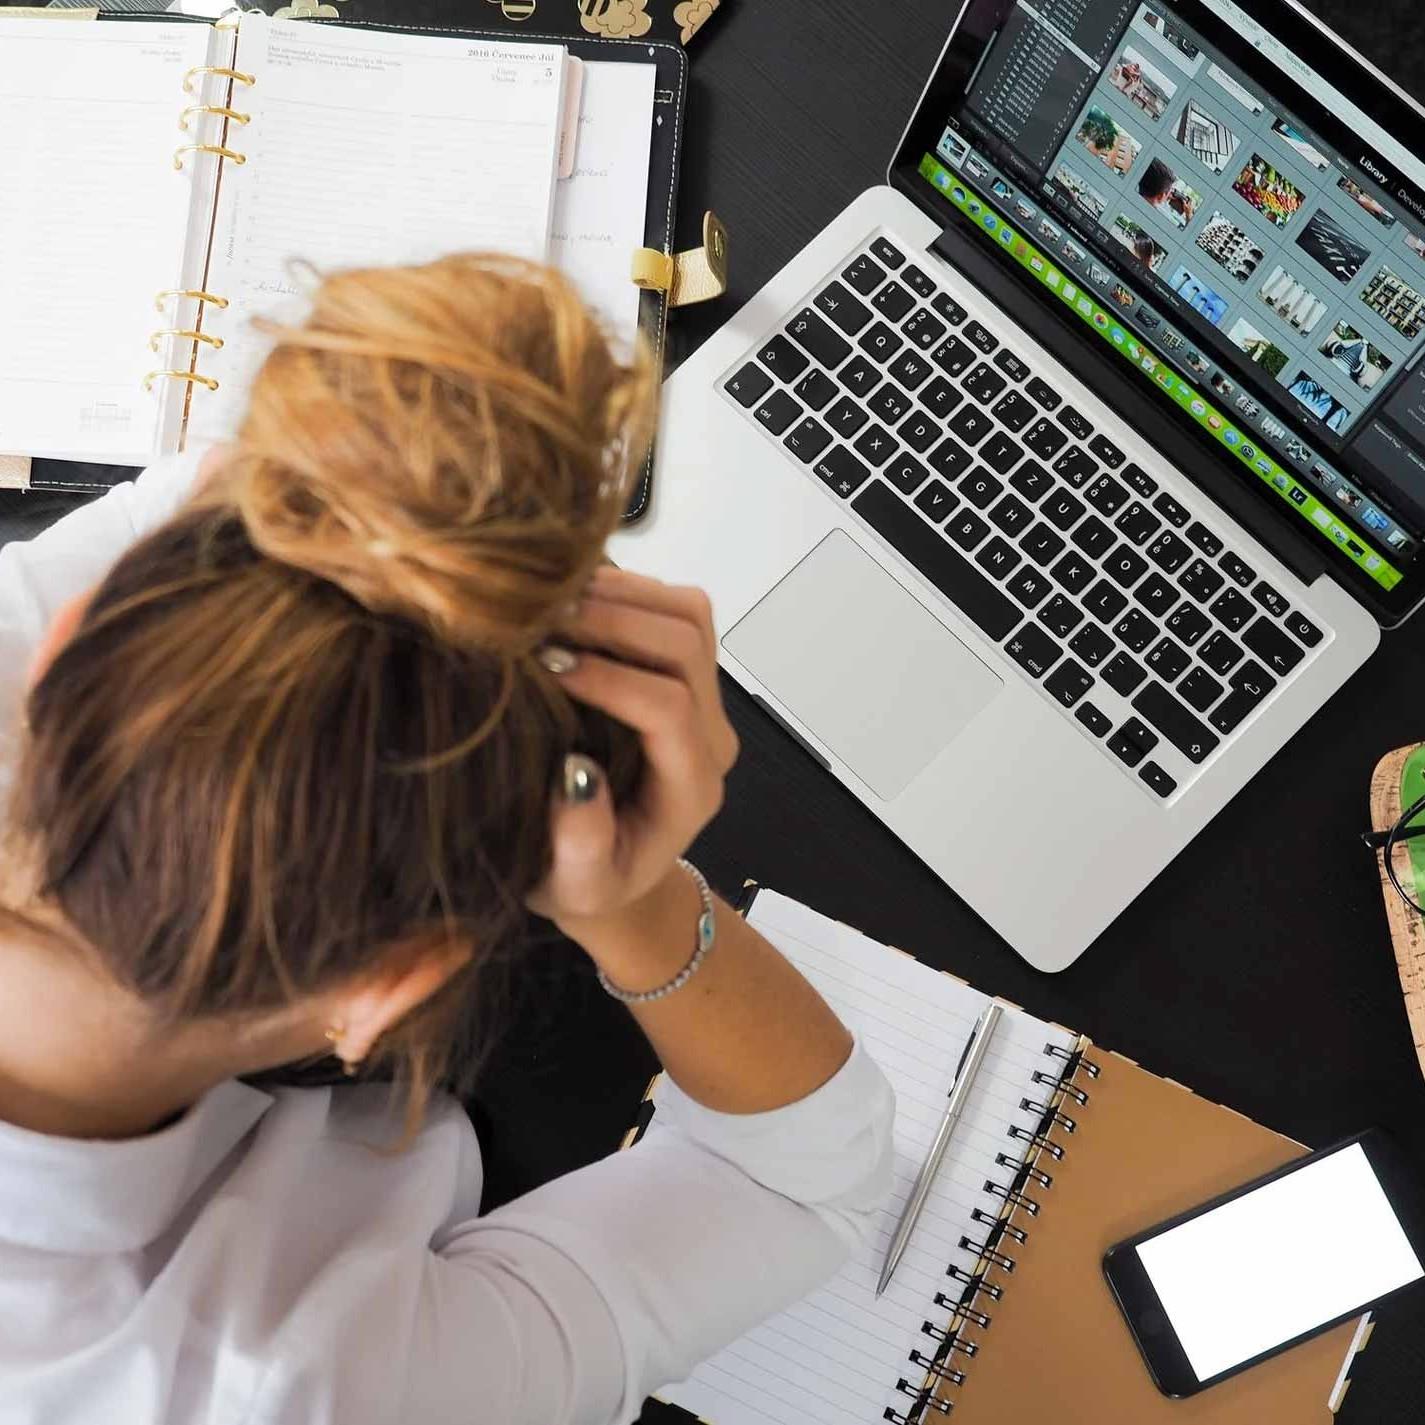 El estrés laboral: un problema generalizado. Una solución compleja.